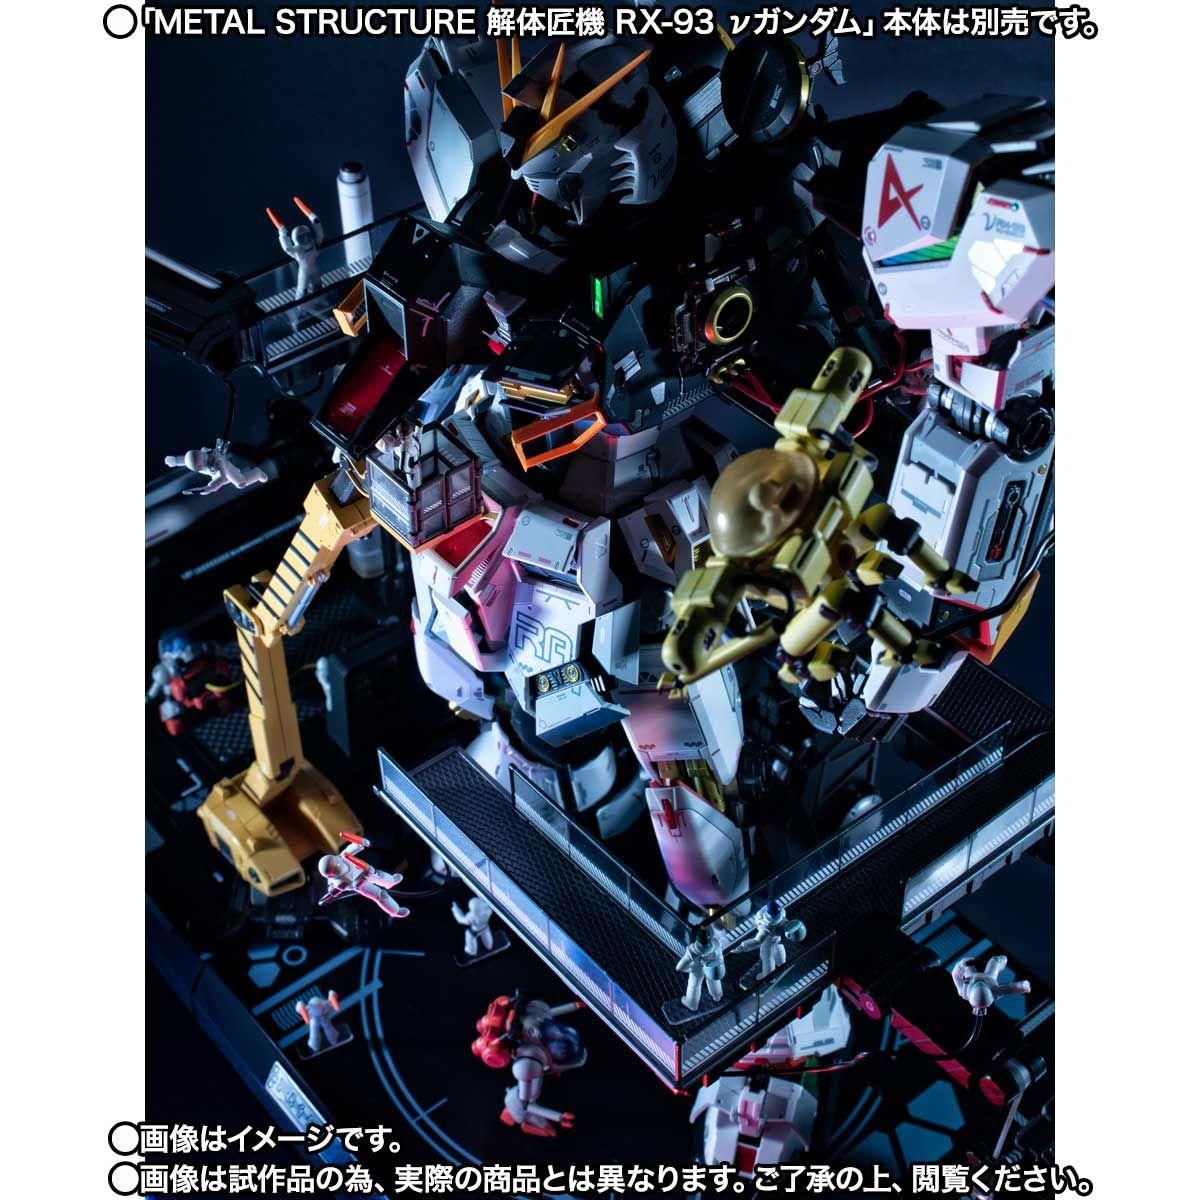 【限定販売】METAL STRUCTURE 解体匠機 RX-93 νガンダム専用オプションパーツ『ロンド・ベルエンジニアズ』セット-003